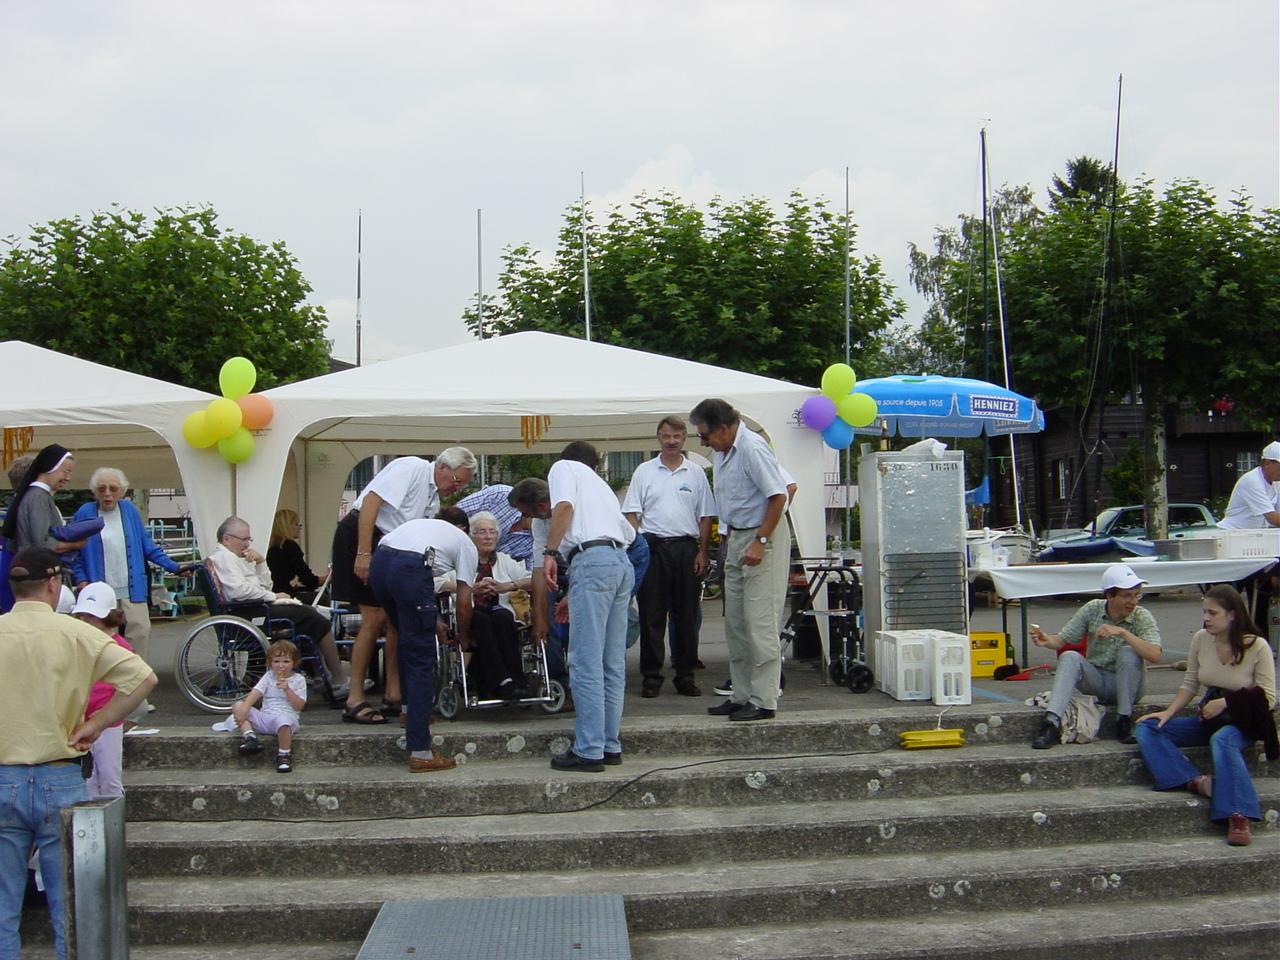 foehnhafen-brunnen-igf-hafentreff-2002-37